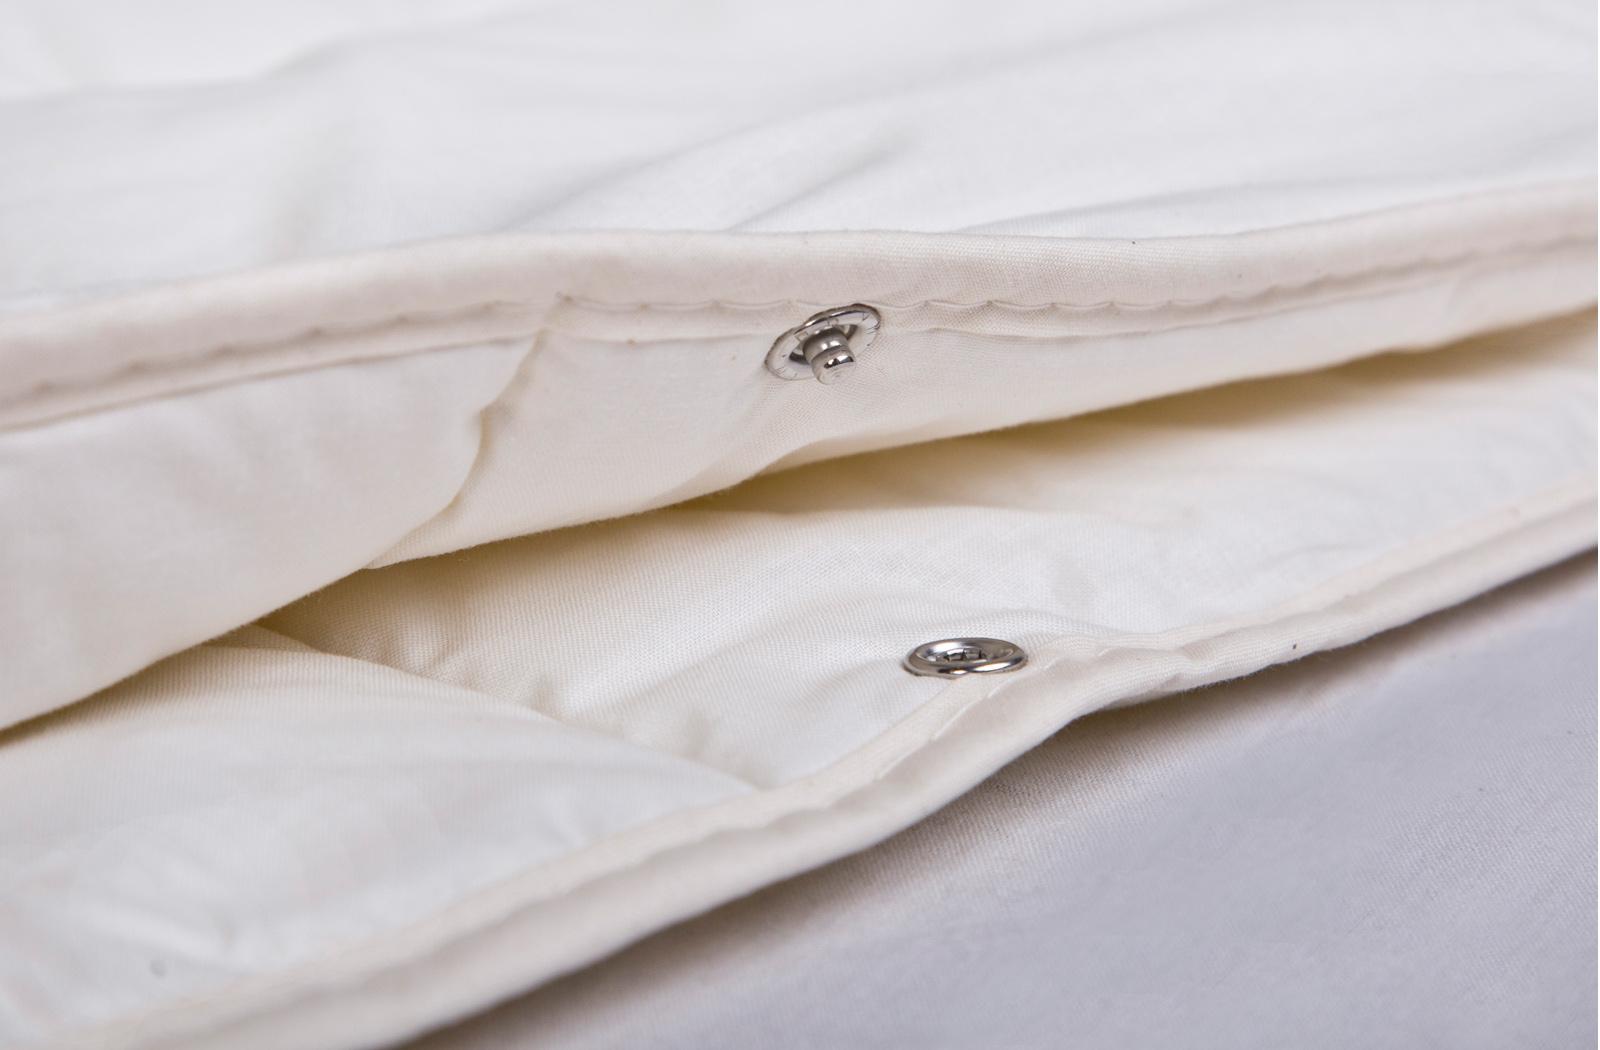 Bettdecke 4-Jahreszeiten-Decke  KBT Merino Schurwolle + KBA Baumwolle BIO Natur Nadia – Bild 4